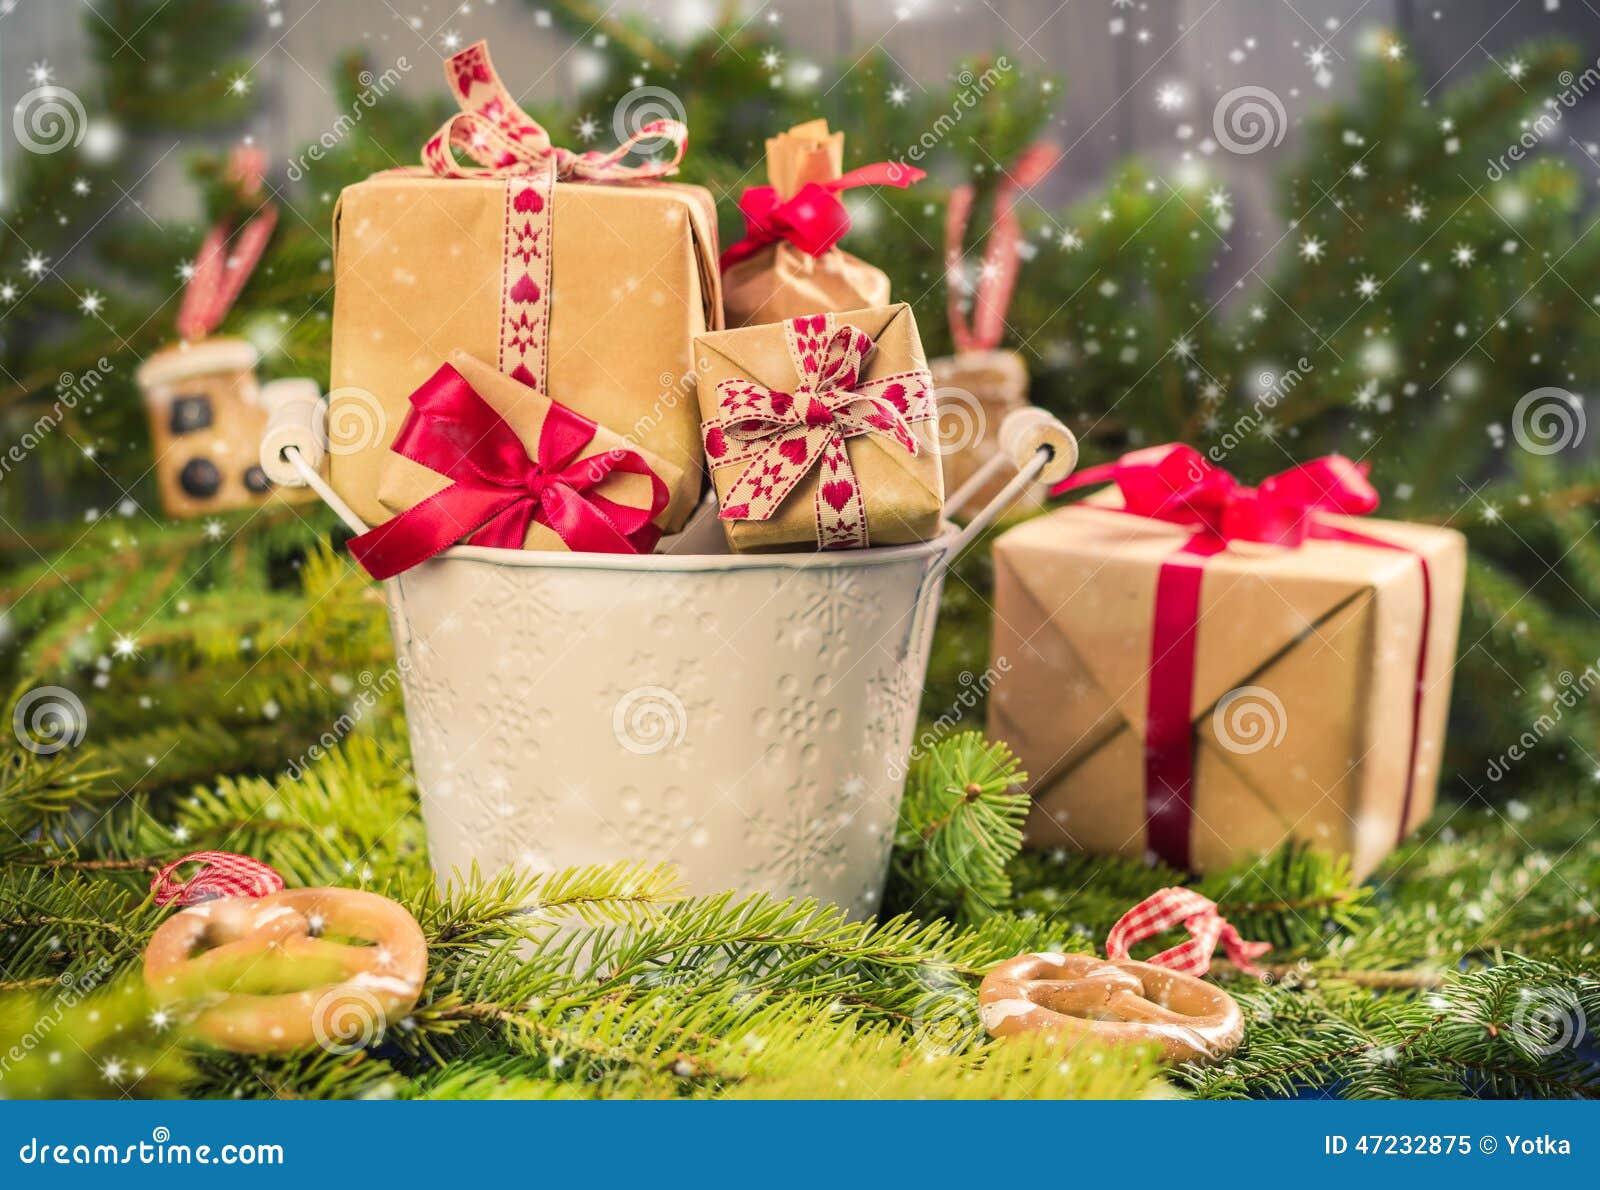 Hand sewn xmas gifts